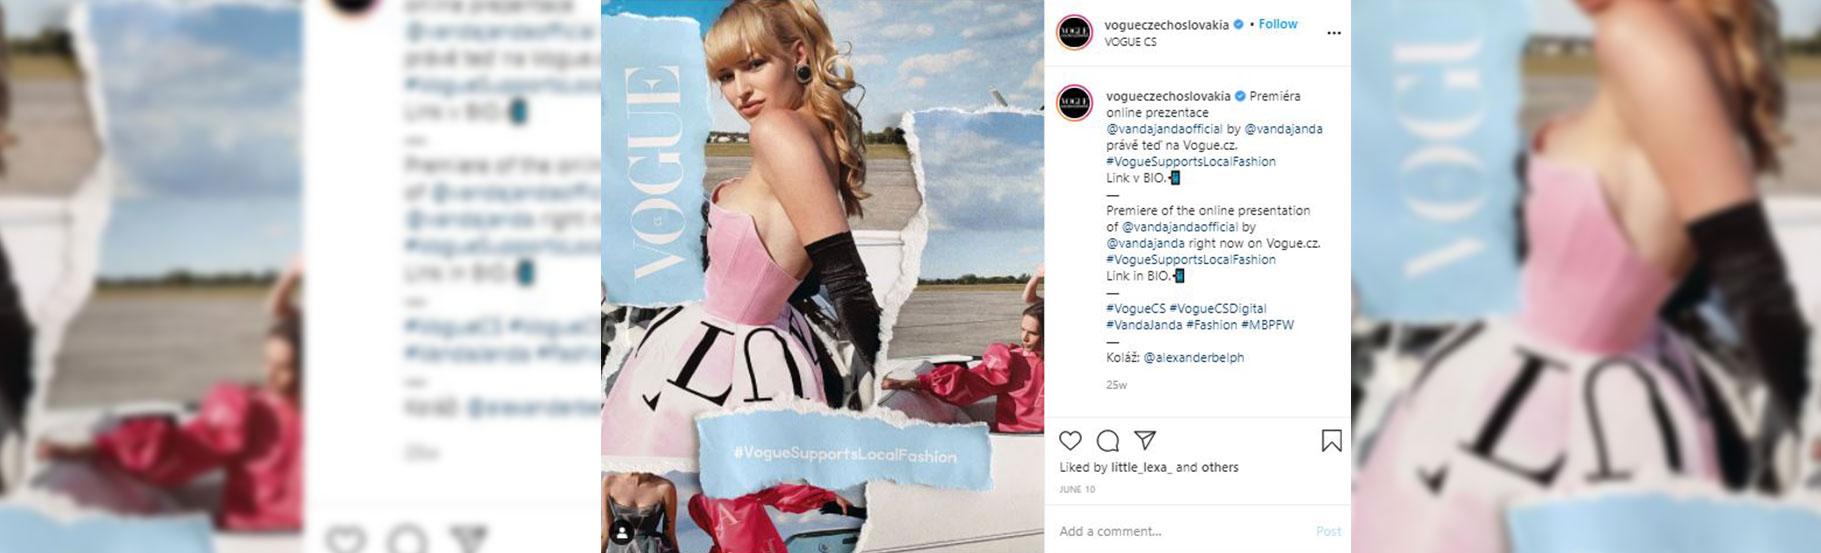 Screenshot ekrana sa devojkom u haljini